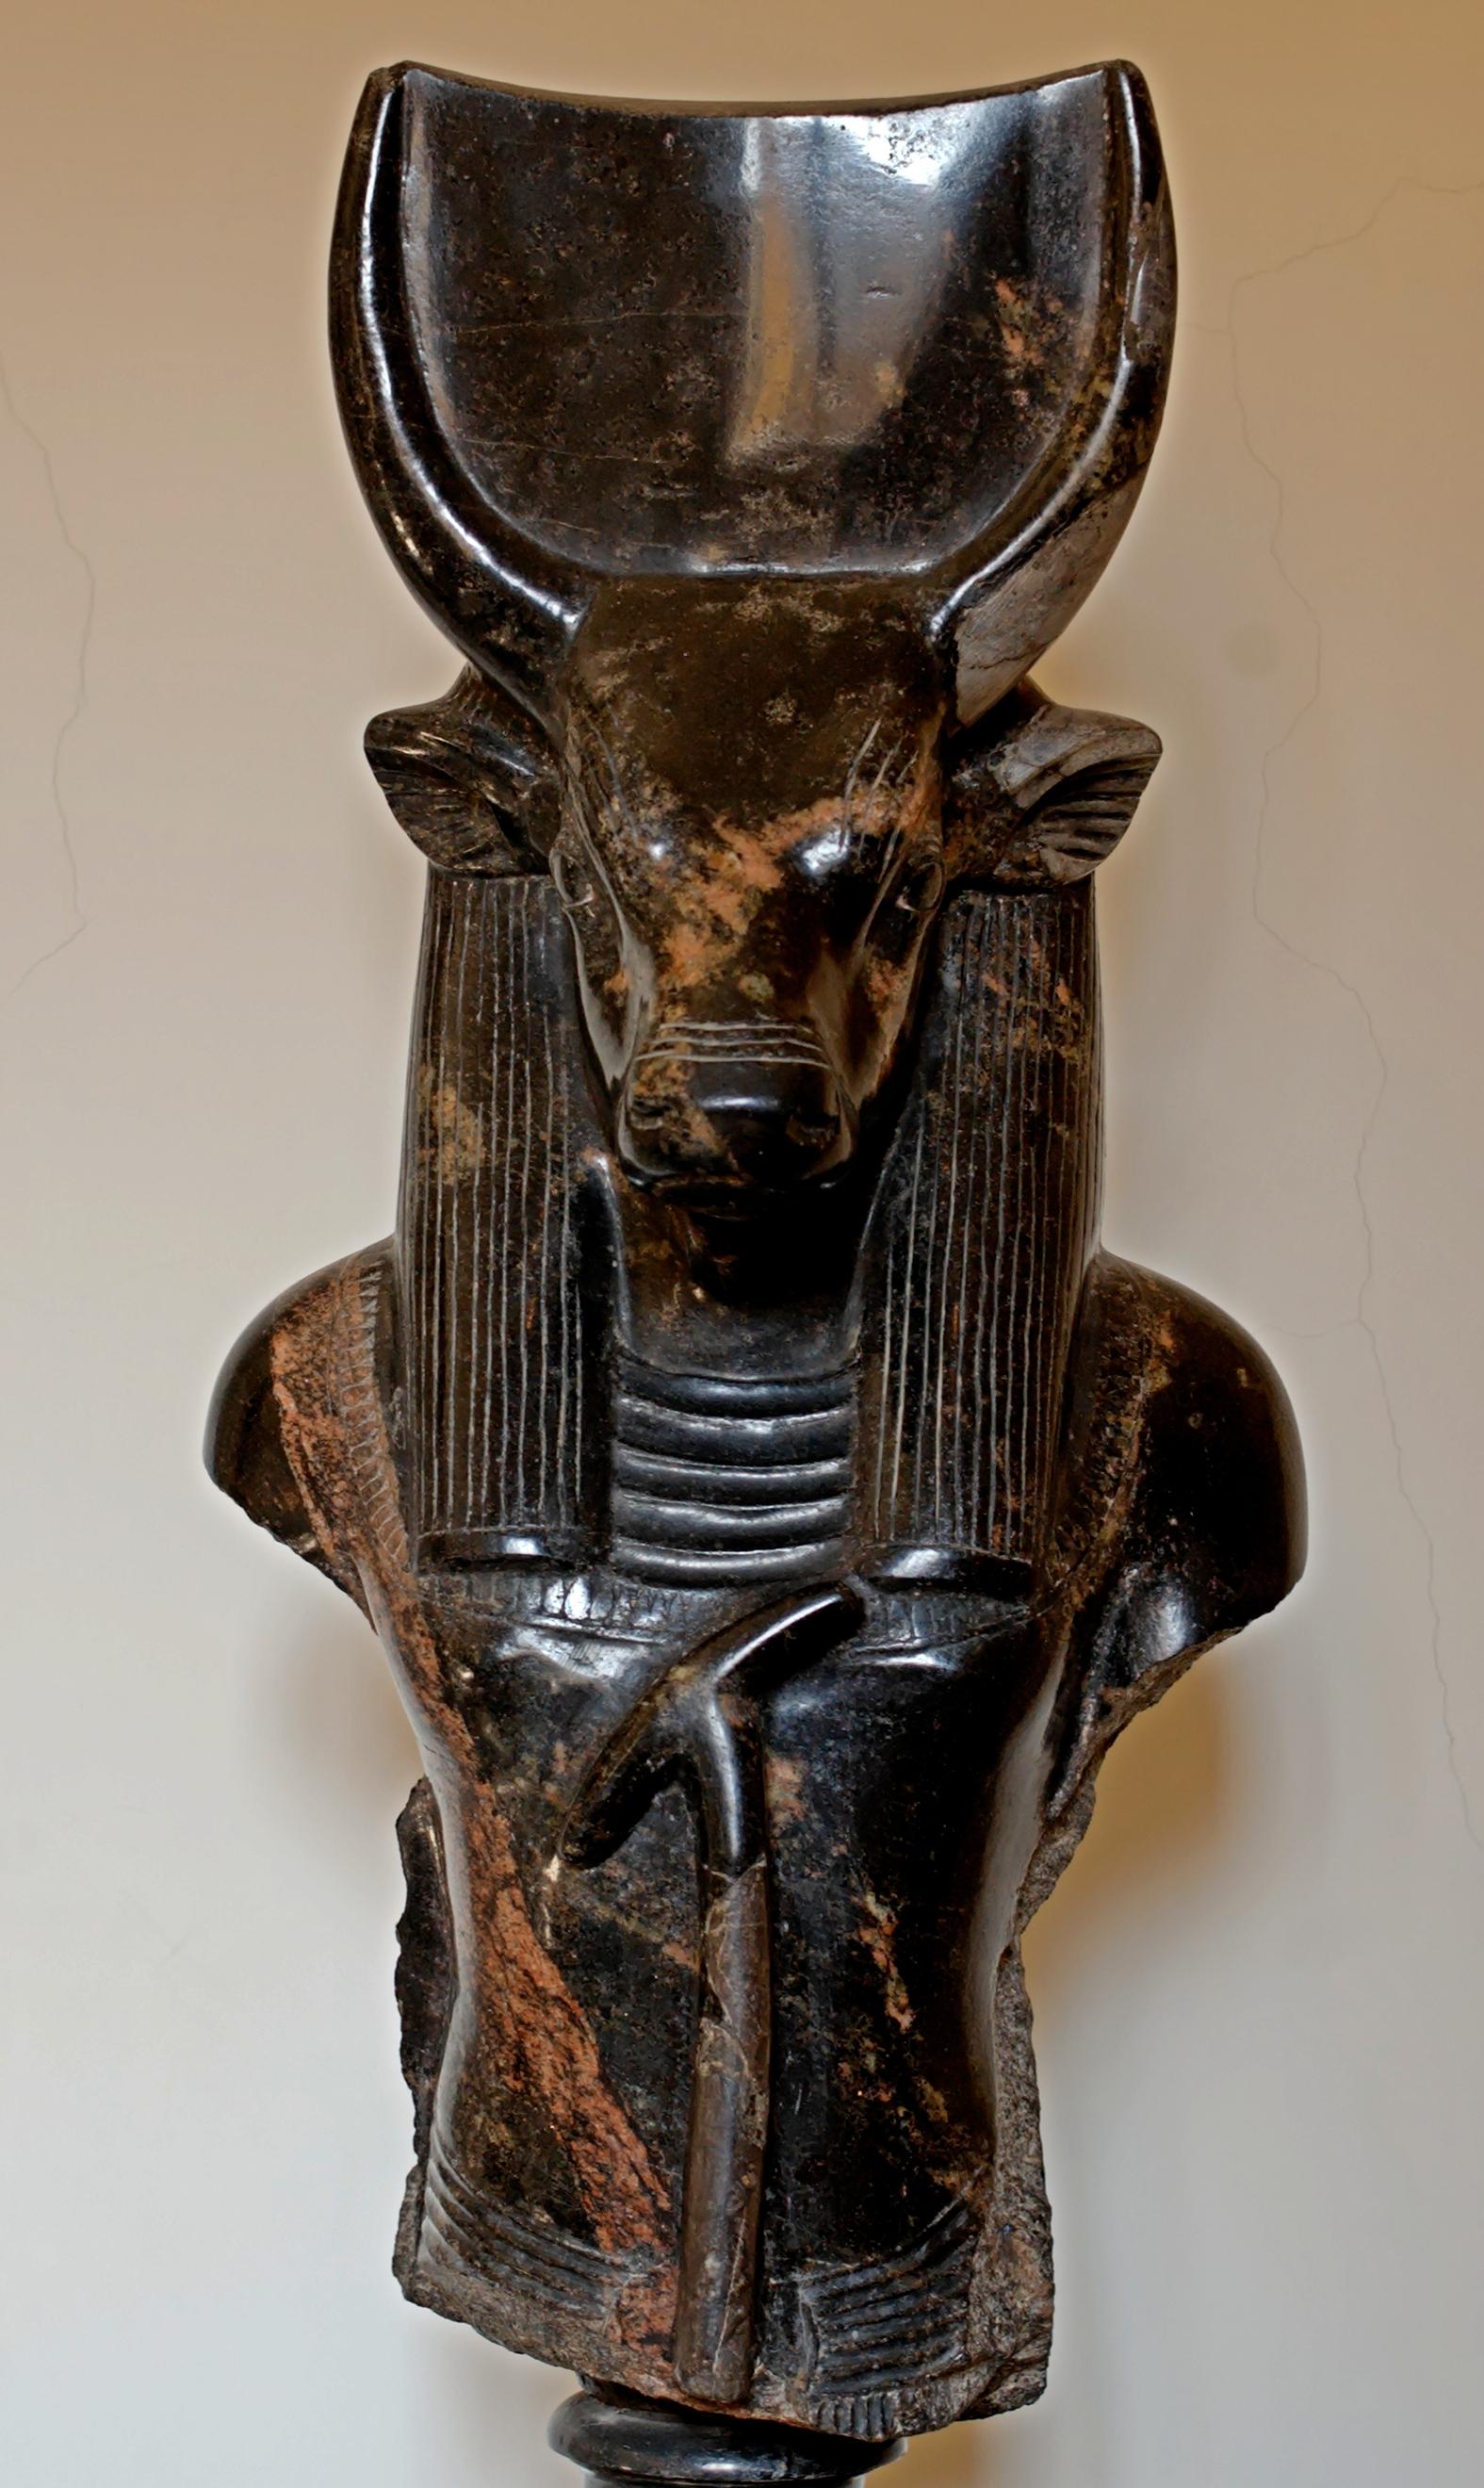 Божество-бык Хеп (Апис) в антропоморфном виде. Мемфис, эллинистический период (III-II вв. до н. э.)